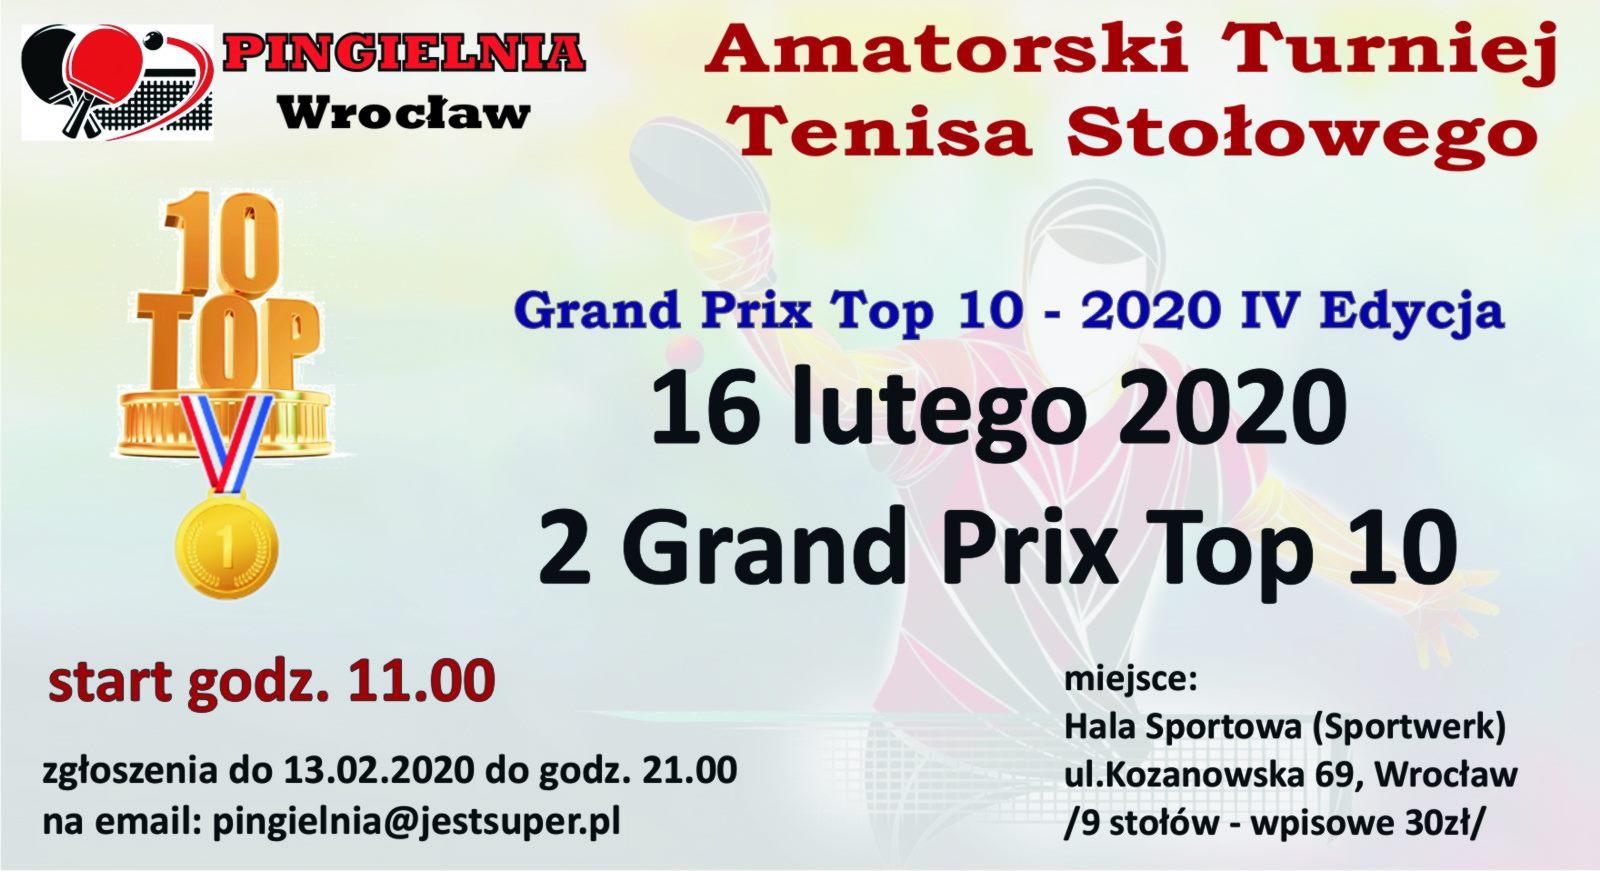 Plakat turnieju Amatorski Turniej Tenisa Stołowego (Pingielnia) - 2 turniej